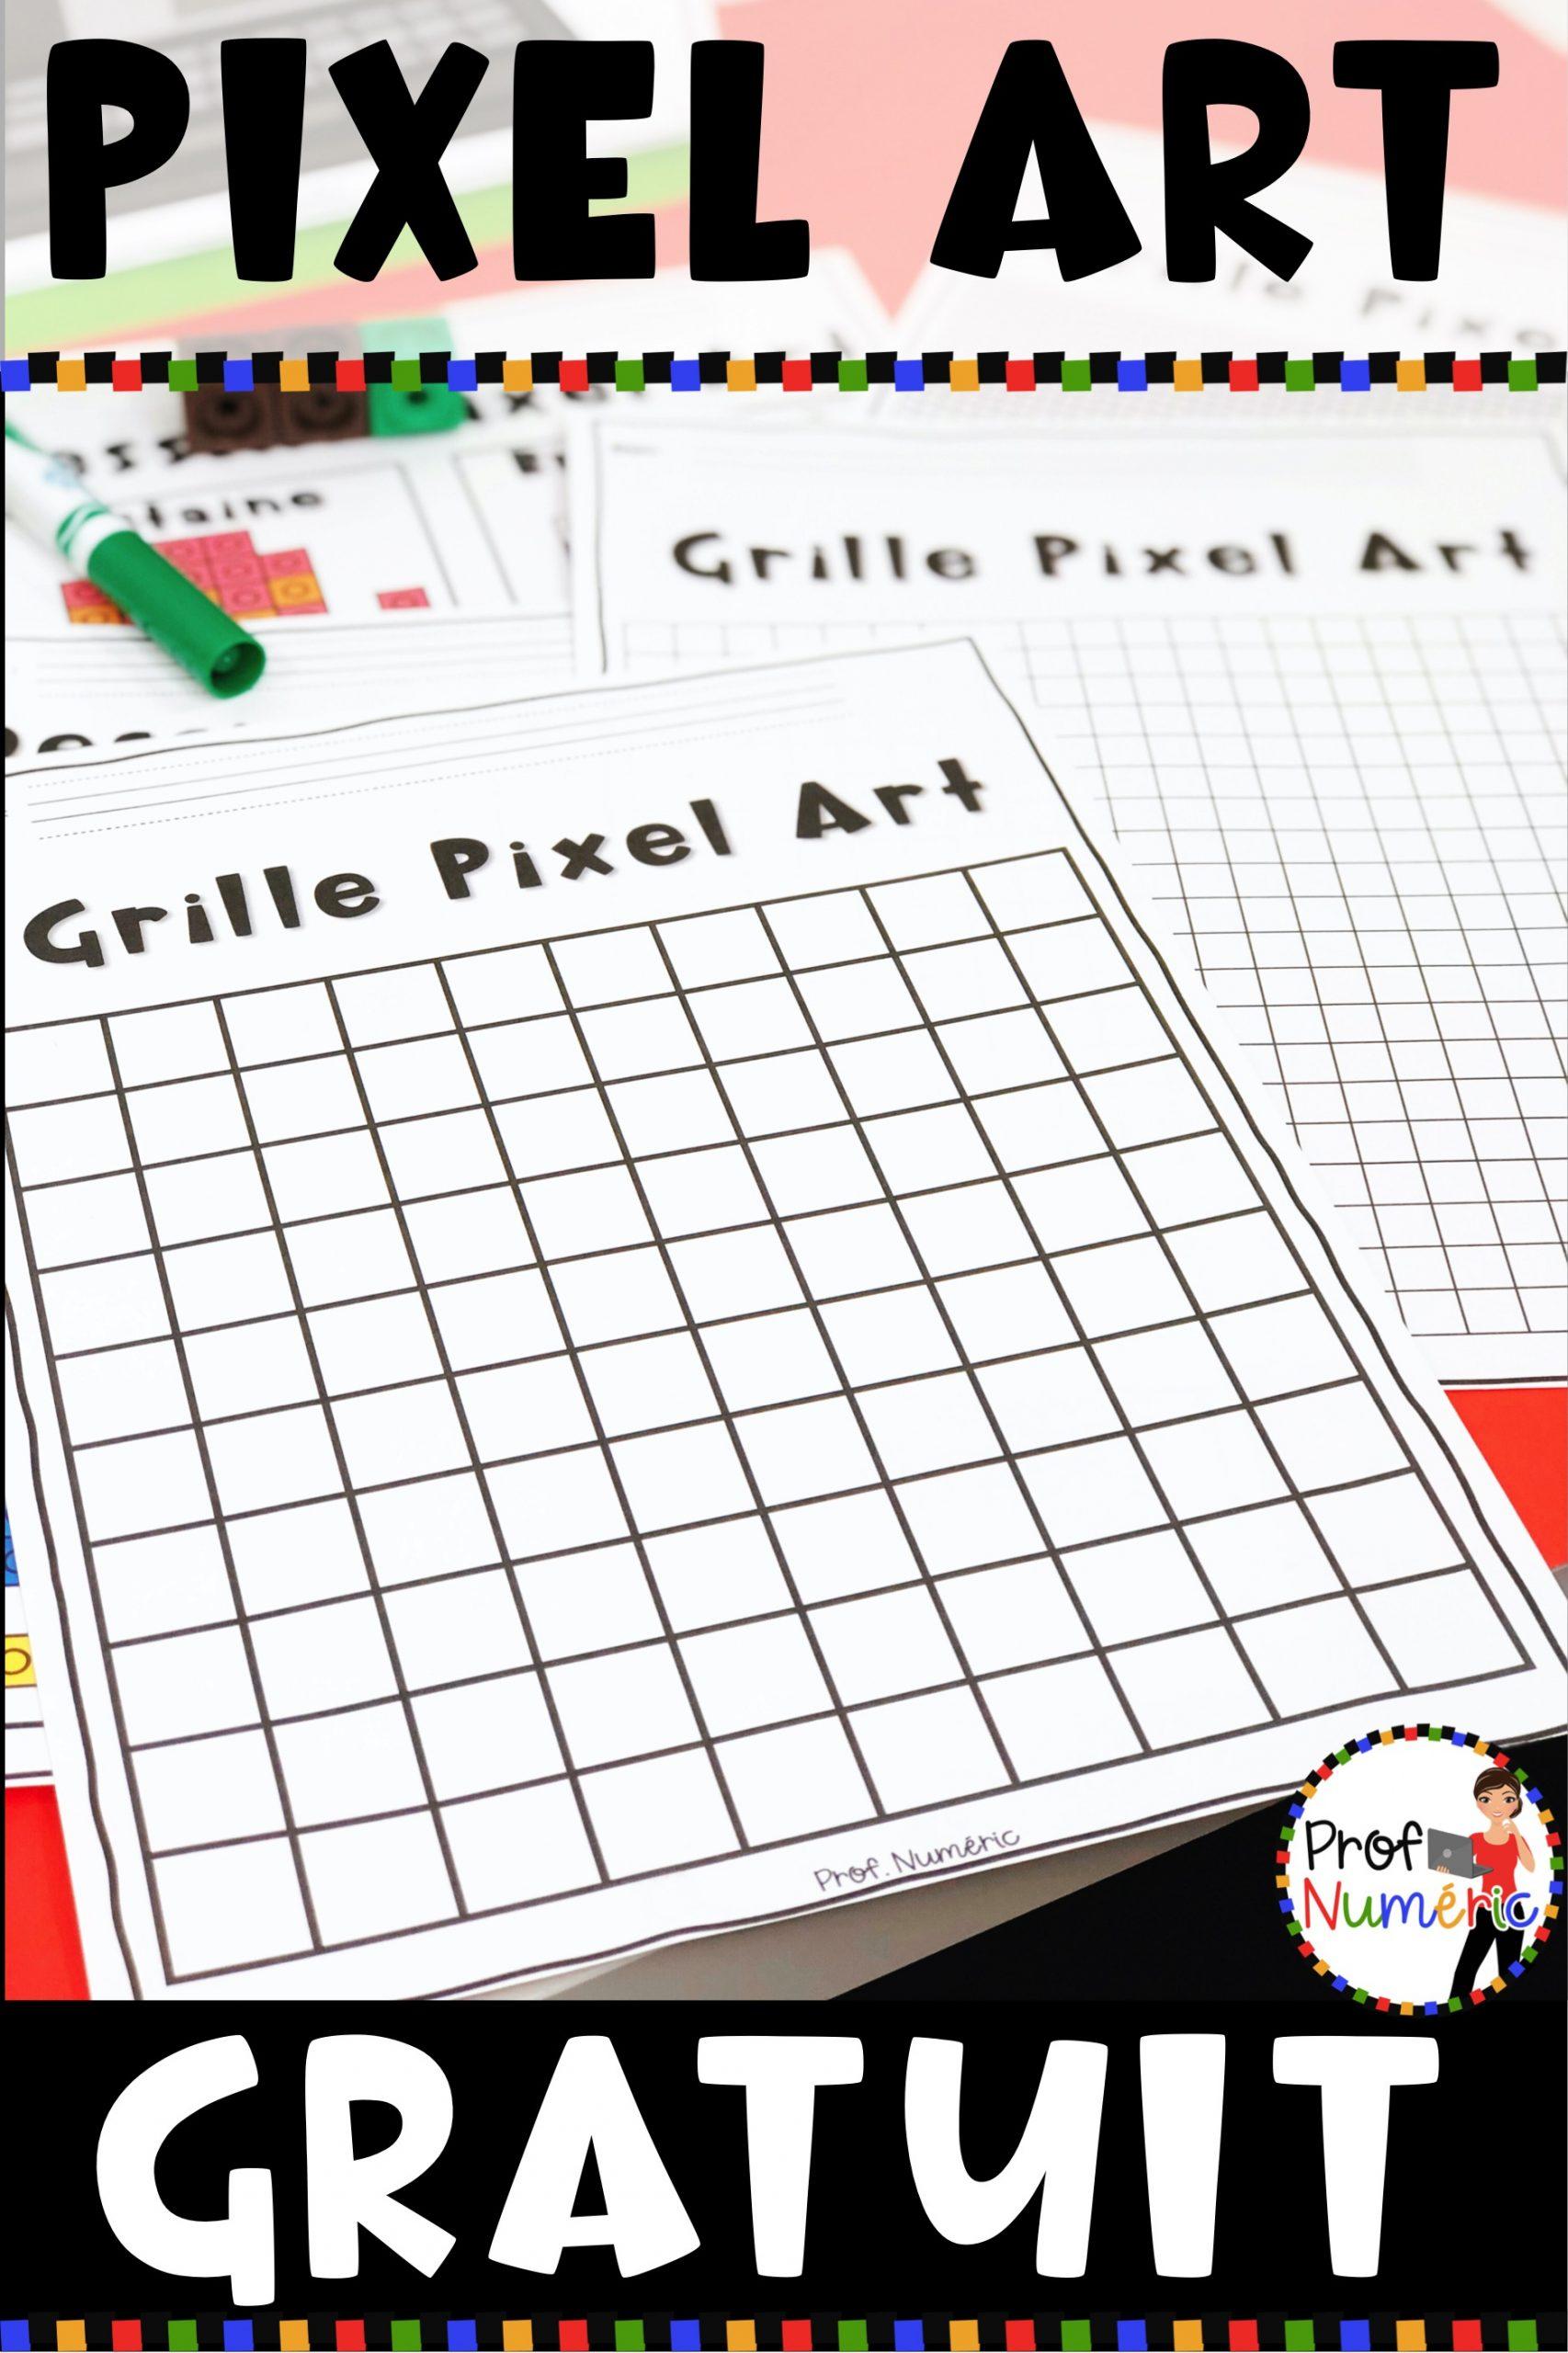 Dessins Pixel Art Numérique - Prof Numéric pour Jeux De Dessin Pixel Art Gratuit